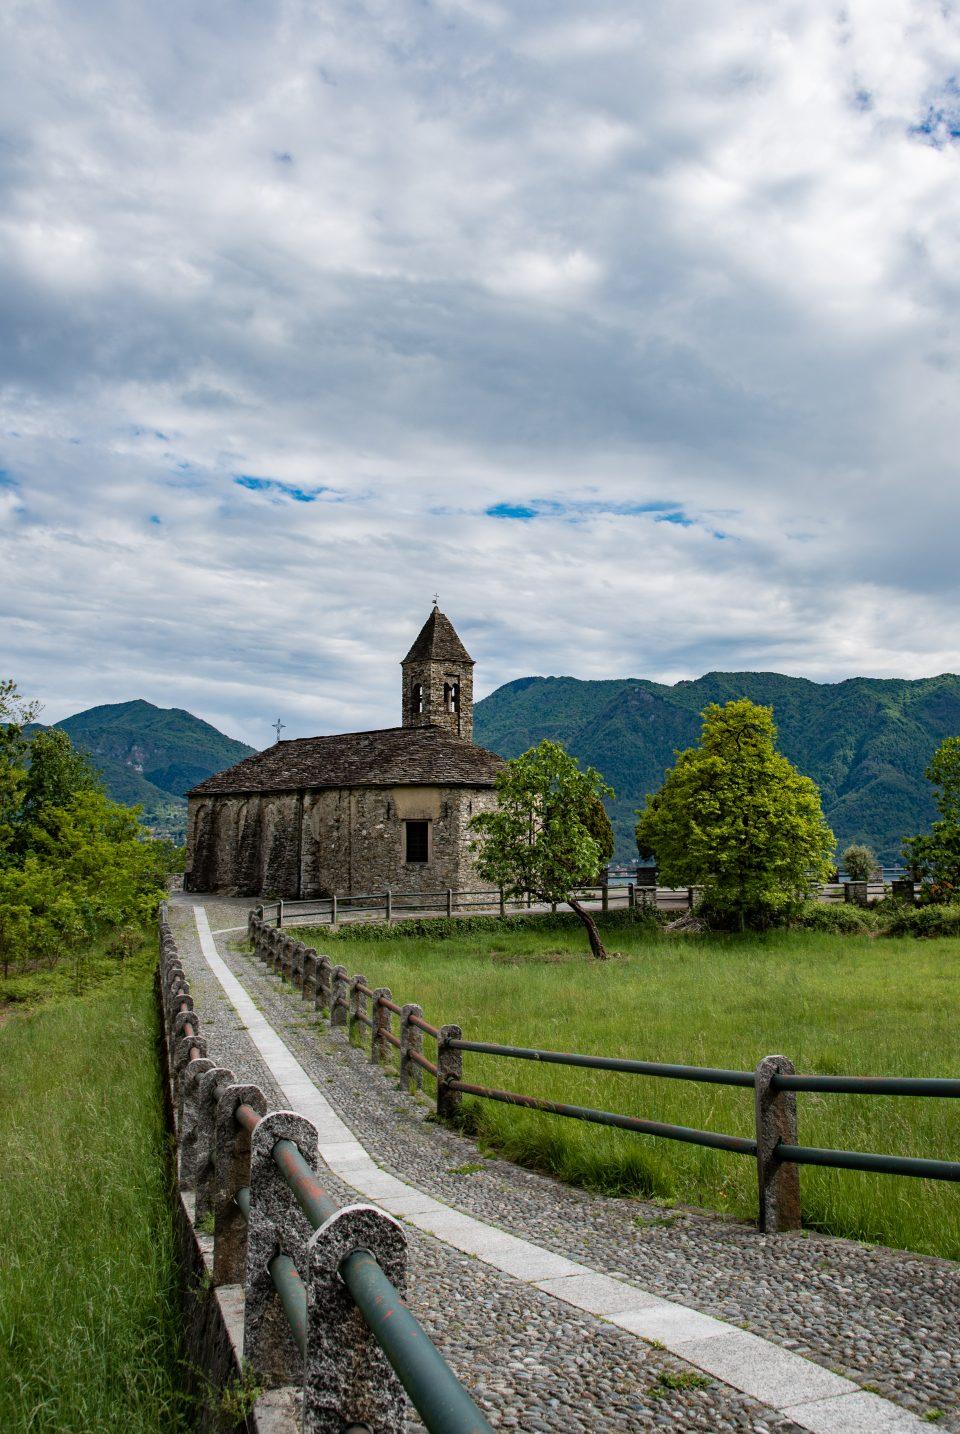 Chiesa di Novaglio - Come fare belle foto per Instagram - Sant'Agata di Novaglio - Oggebio - istanti in viaggio - Verbania - Lago Maggiore - Novaglio